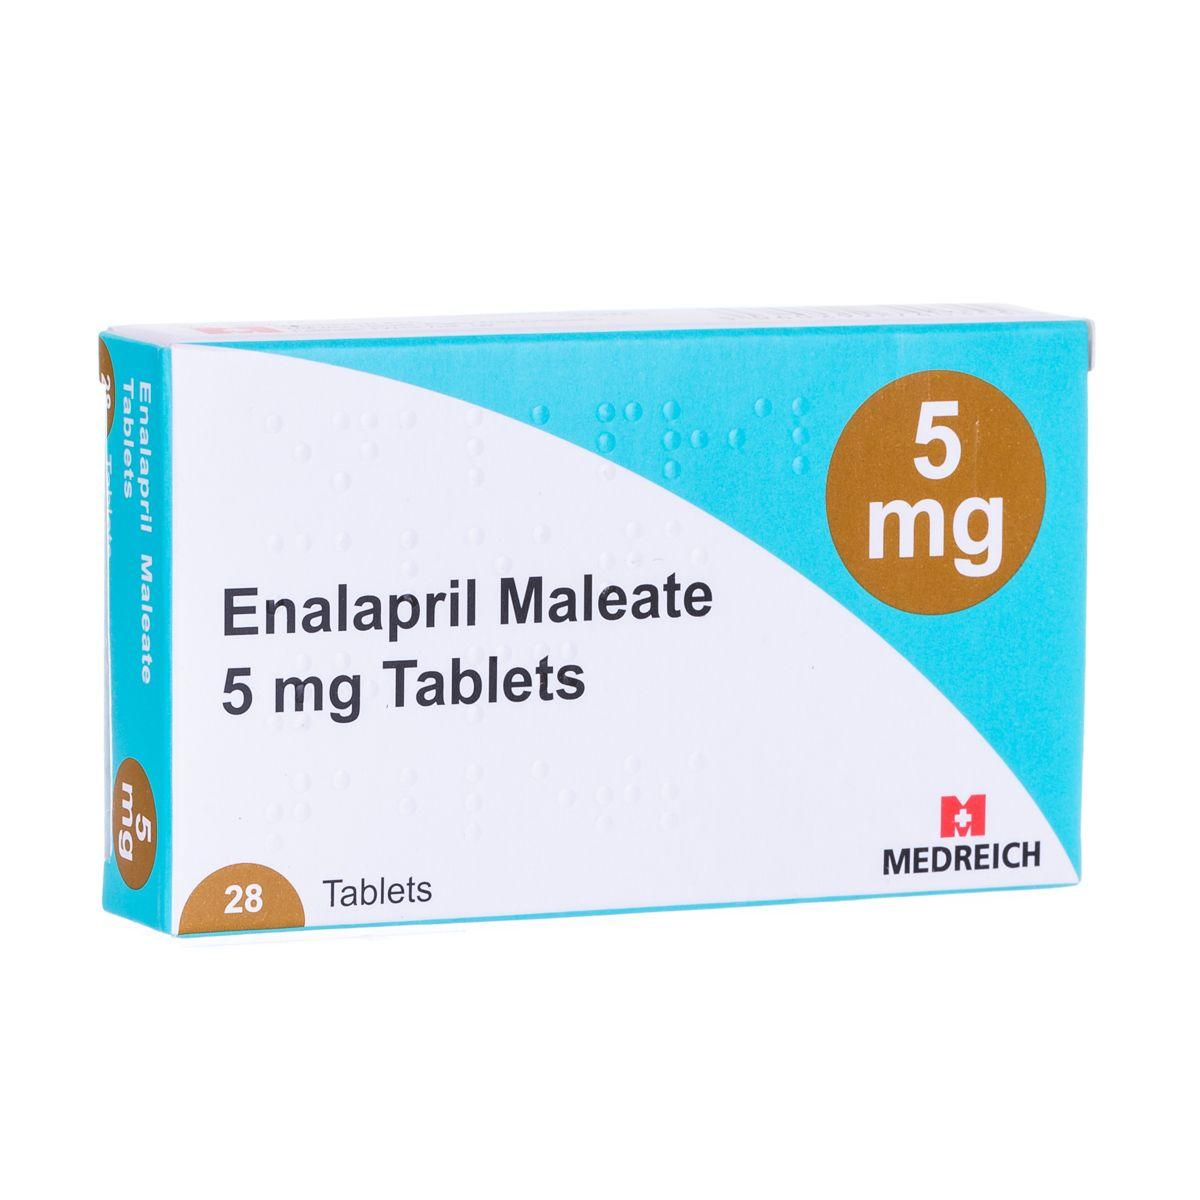 Enalapril